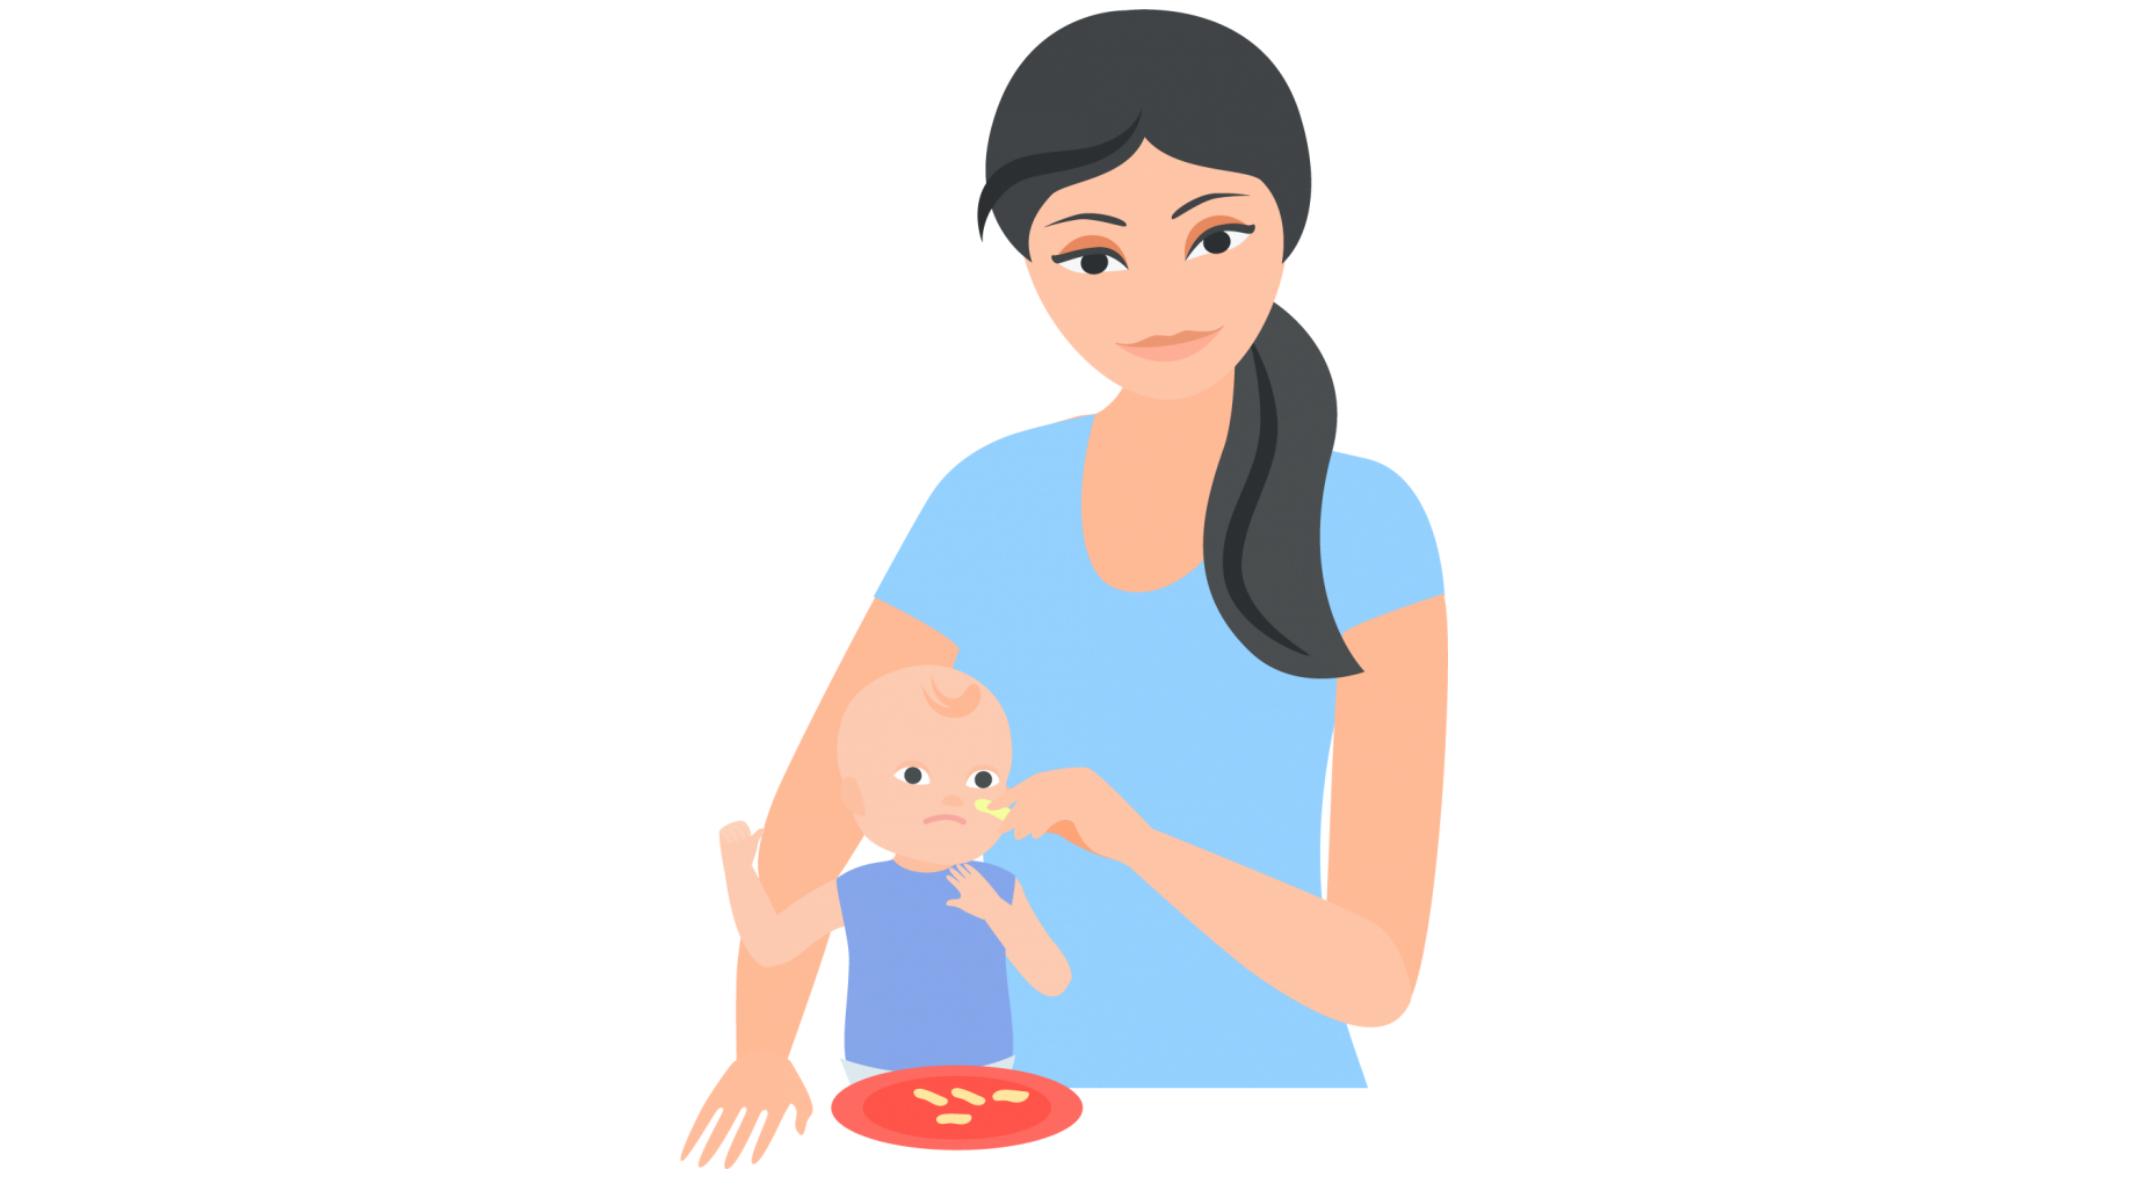 12 महीने के बच्चे के लिए भारतीय व्यंजनों के साथ डाइट चार्ट